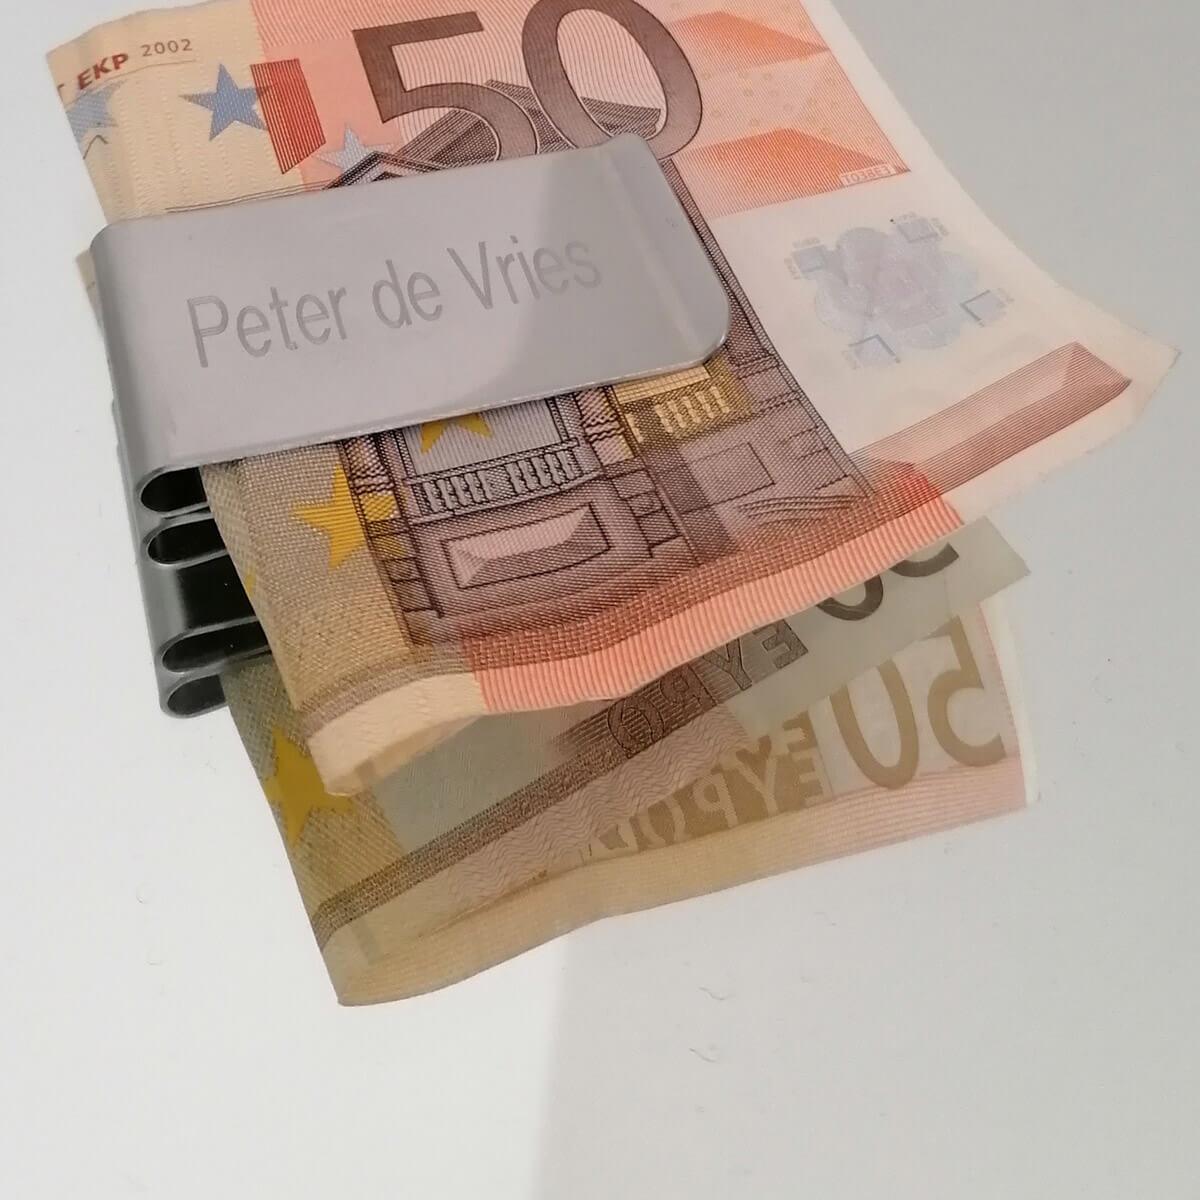 Geldclips worden vaak gebruikt als aanvulling op een creditcardhouder of portemonnee aangezien ze speciaal voor biljetten zijn gemaakt